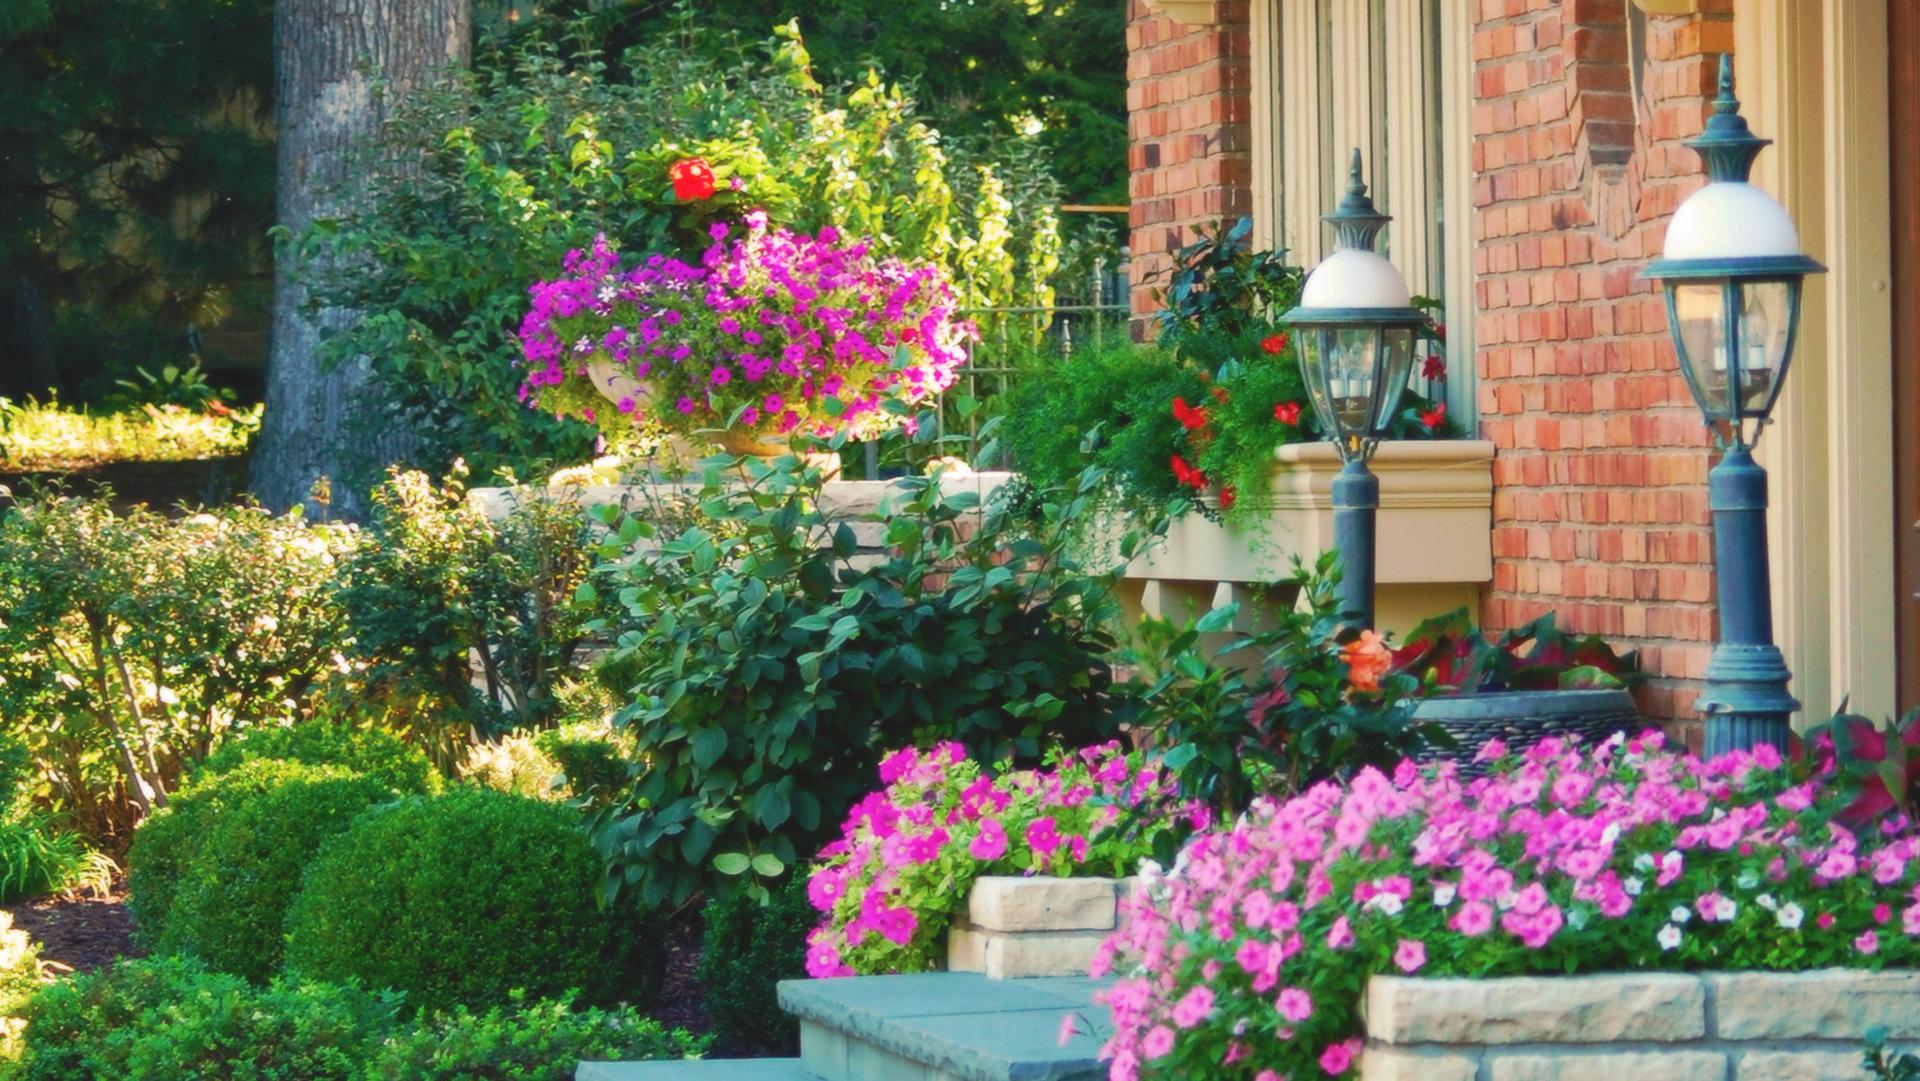 Green View Nursery Inc Enjoy Illinois